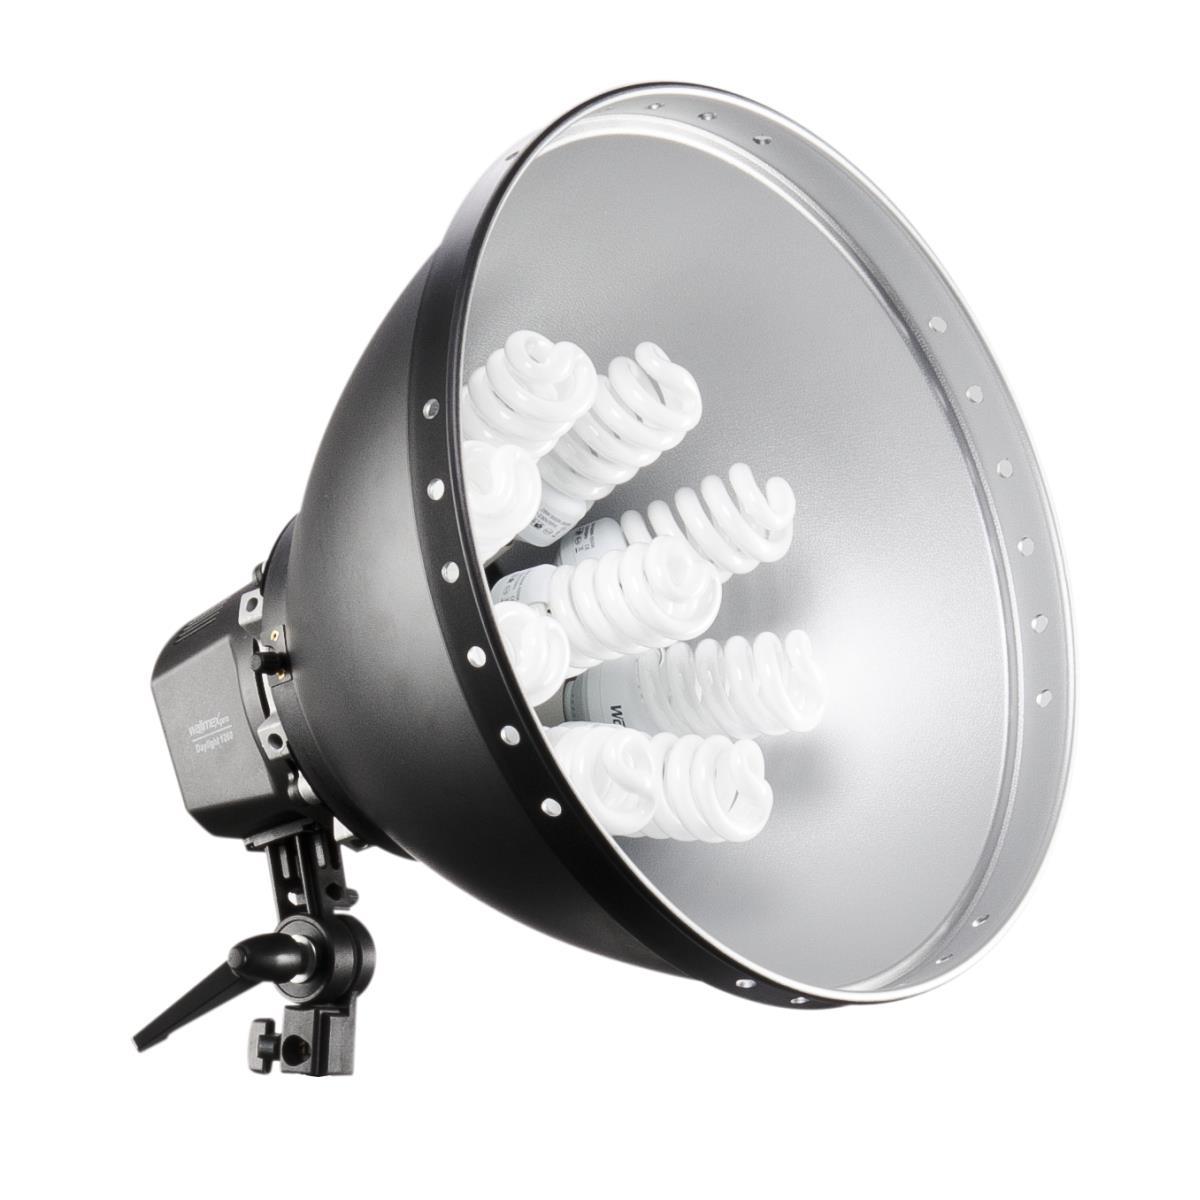 Walimex pro Daylight 1260 9x28W